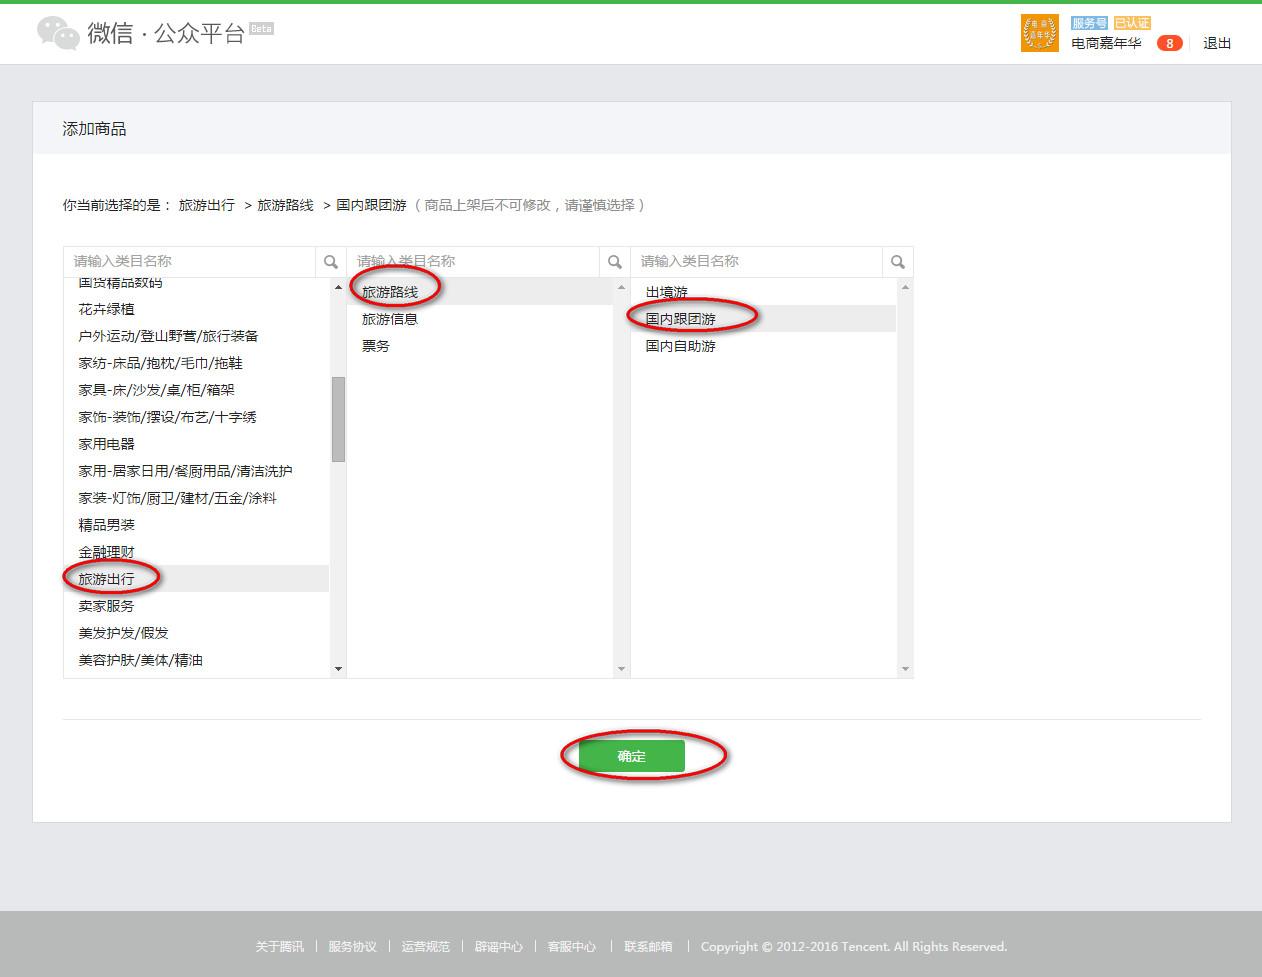 商品分类目录